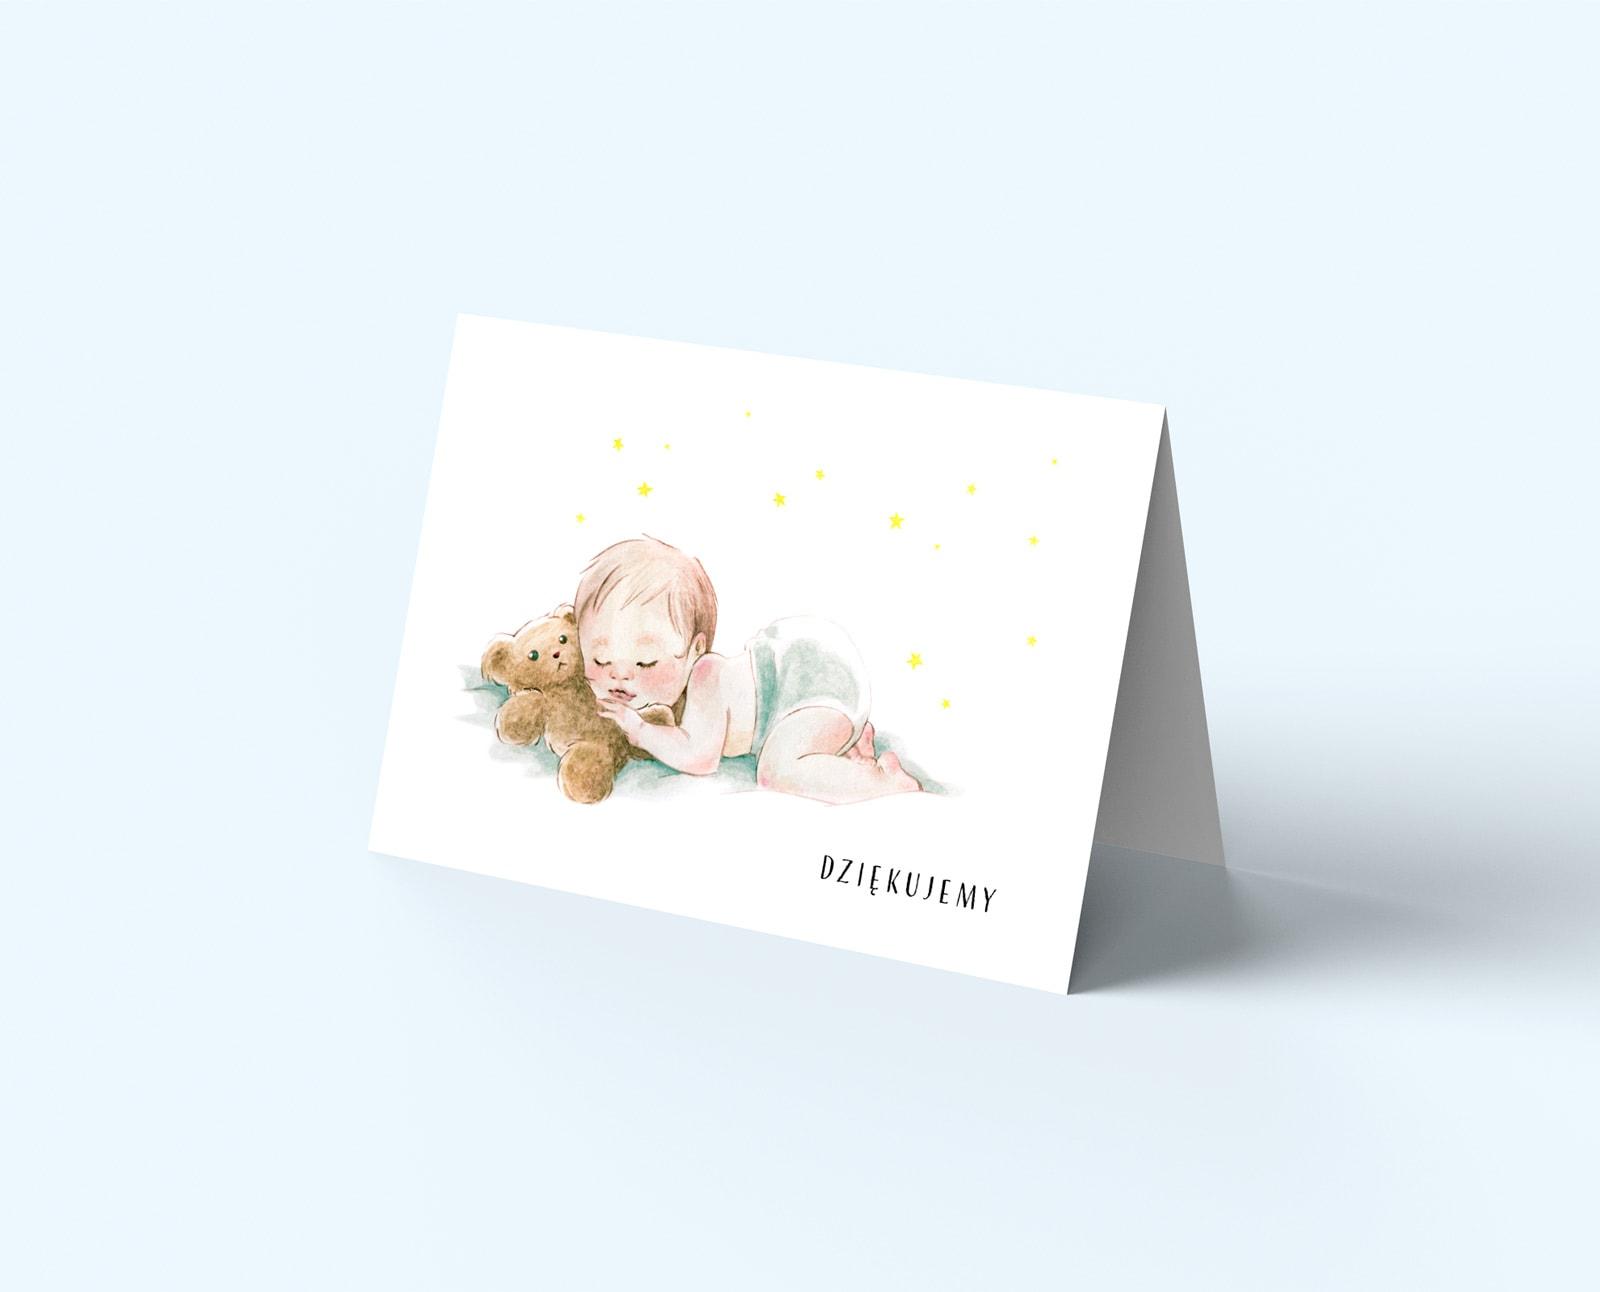 Eleganckie kartki z podziękowaniami dla gości, śpiące dzidziuś z misiem